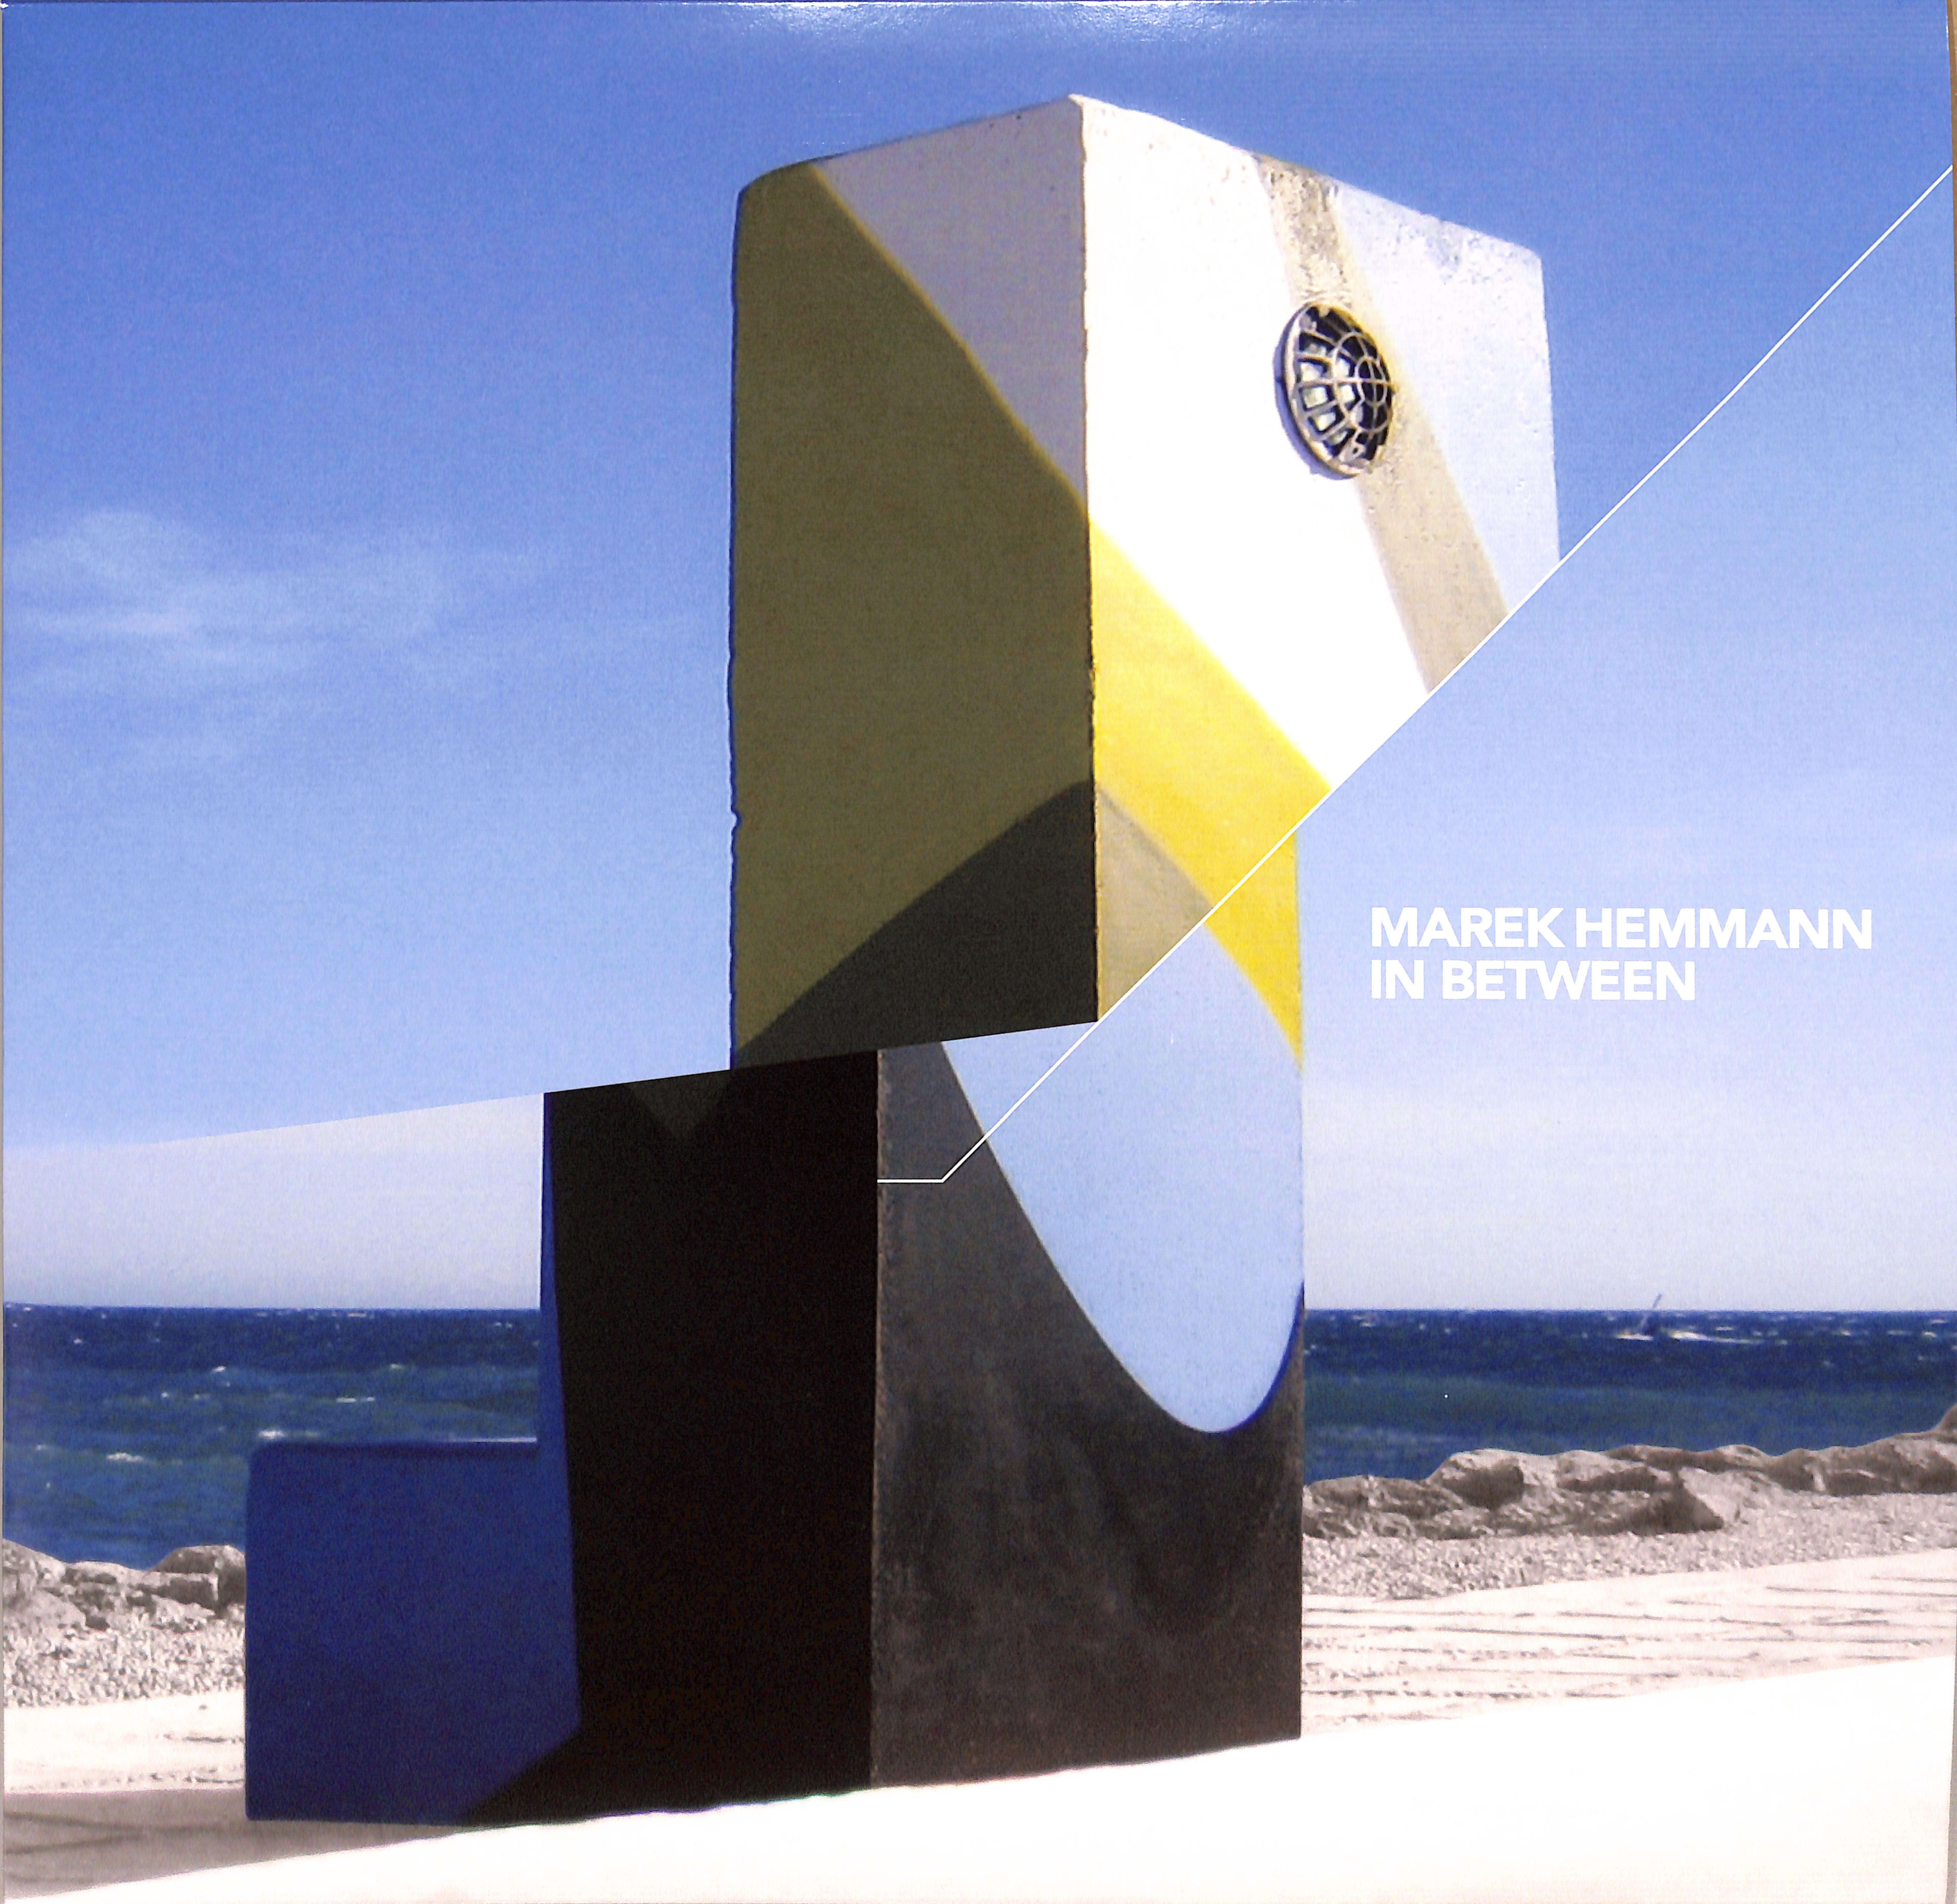 Marek Hemmann - IN BETWEEN + GEMINI